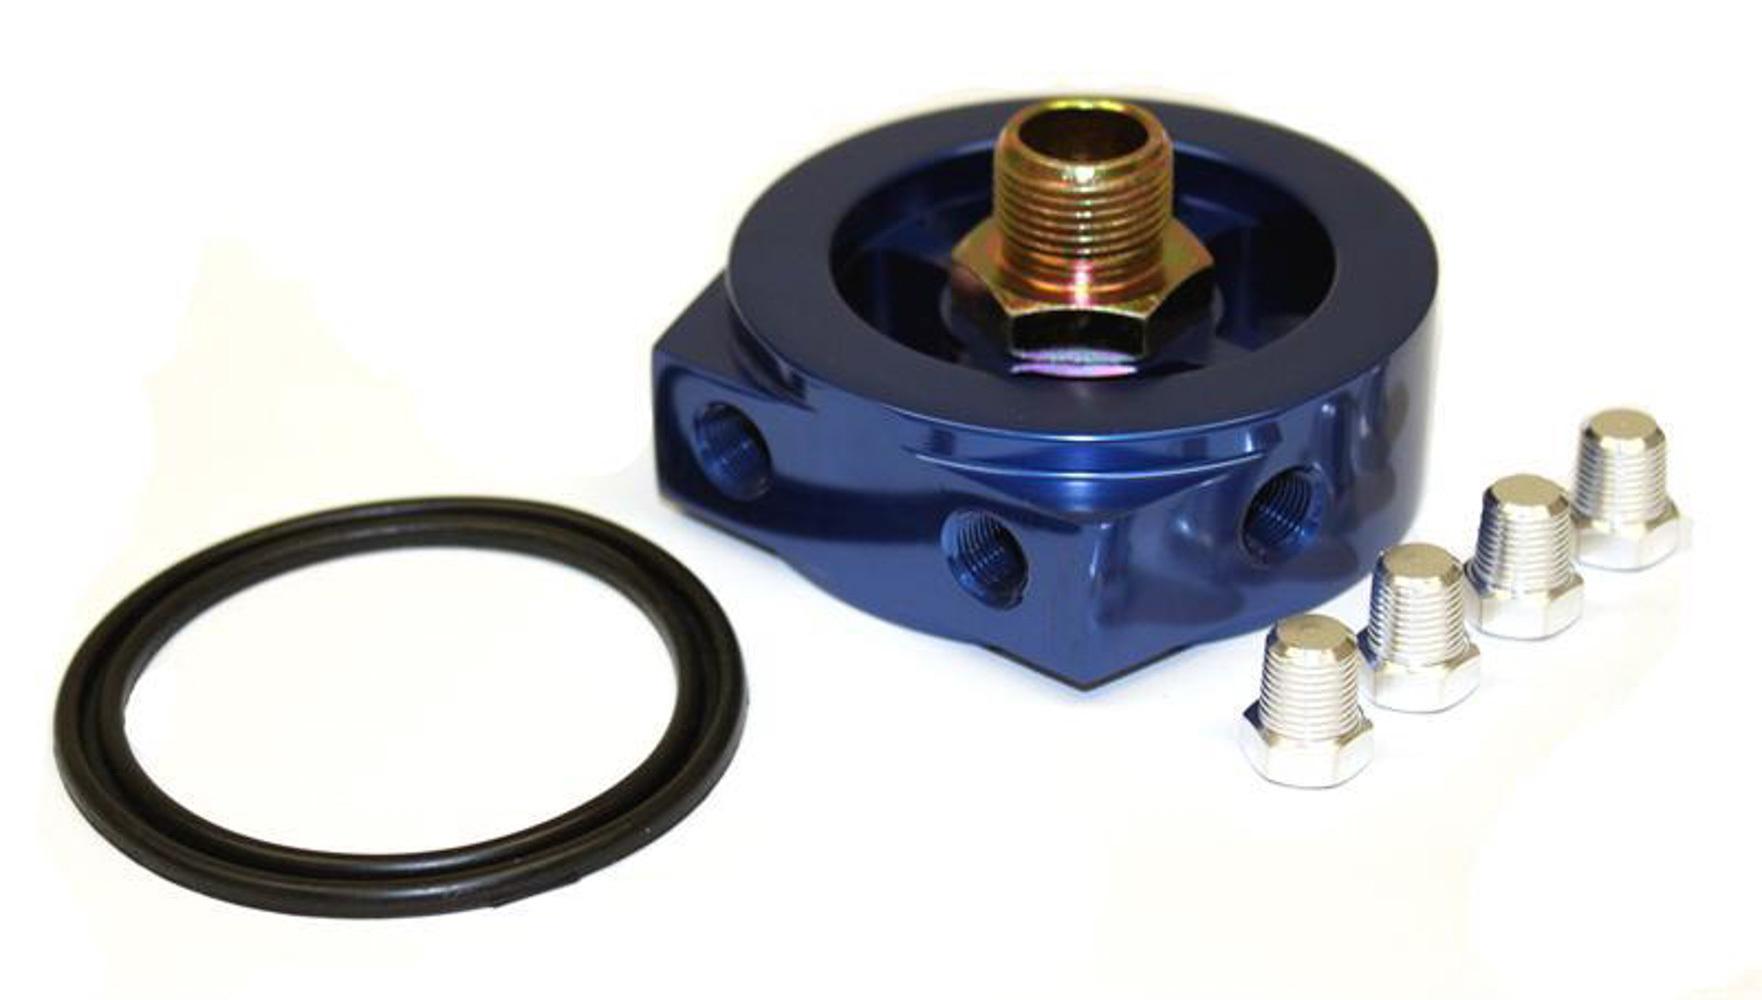 ProSport Gauges PSOPOT-3/4UNF16 Oil Filter Adaptor Plate Nissan  VW  Porsche BMW